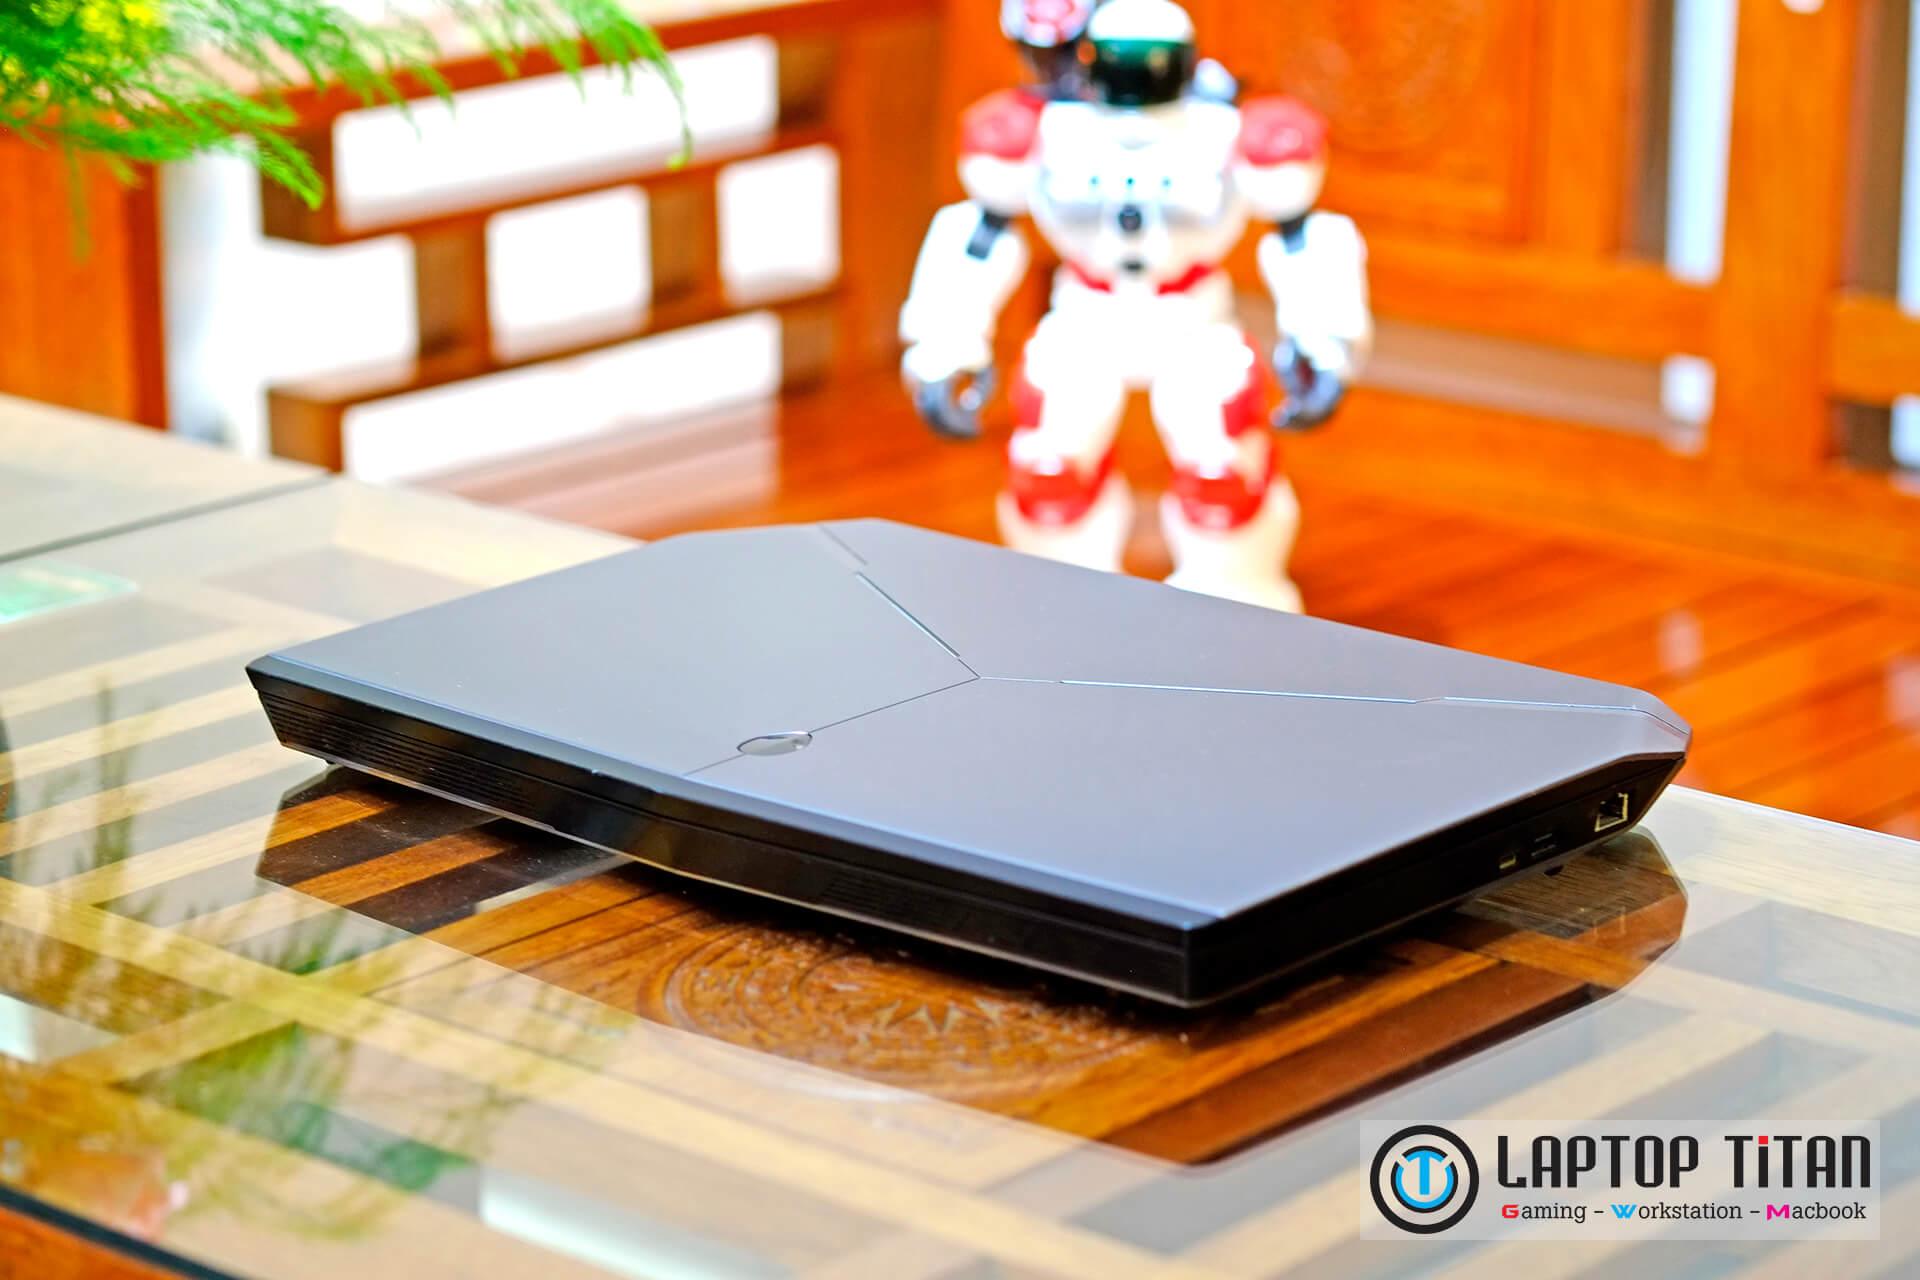 Dell Alienware 15 R2 003